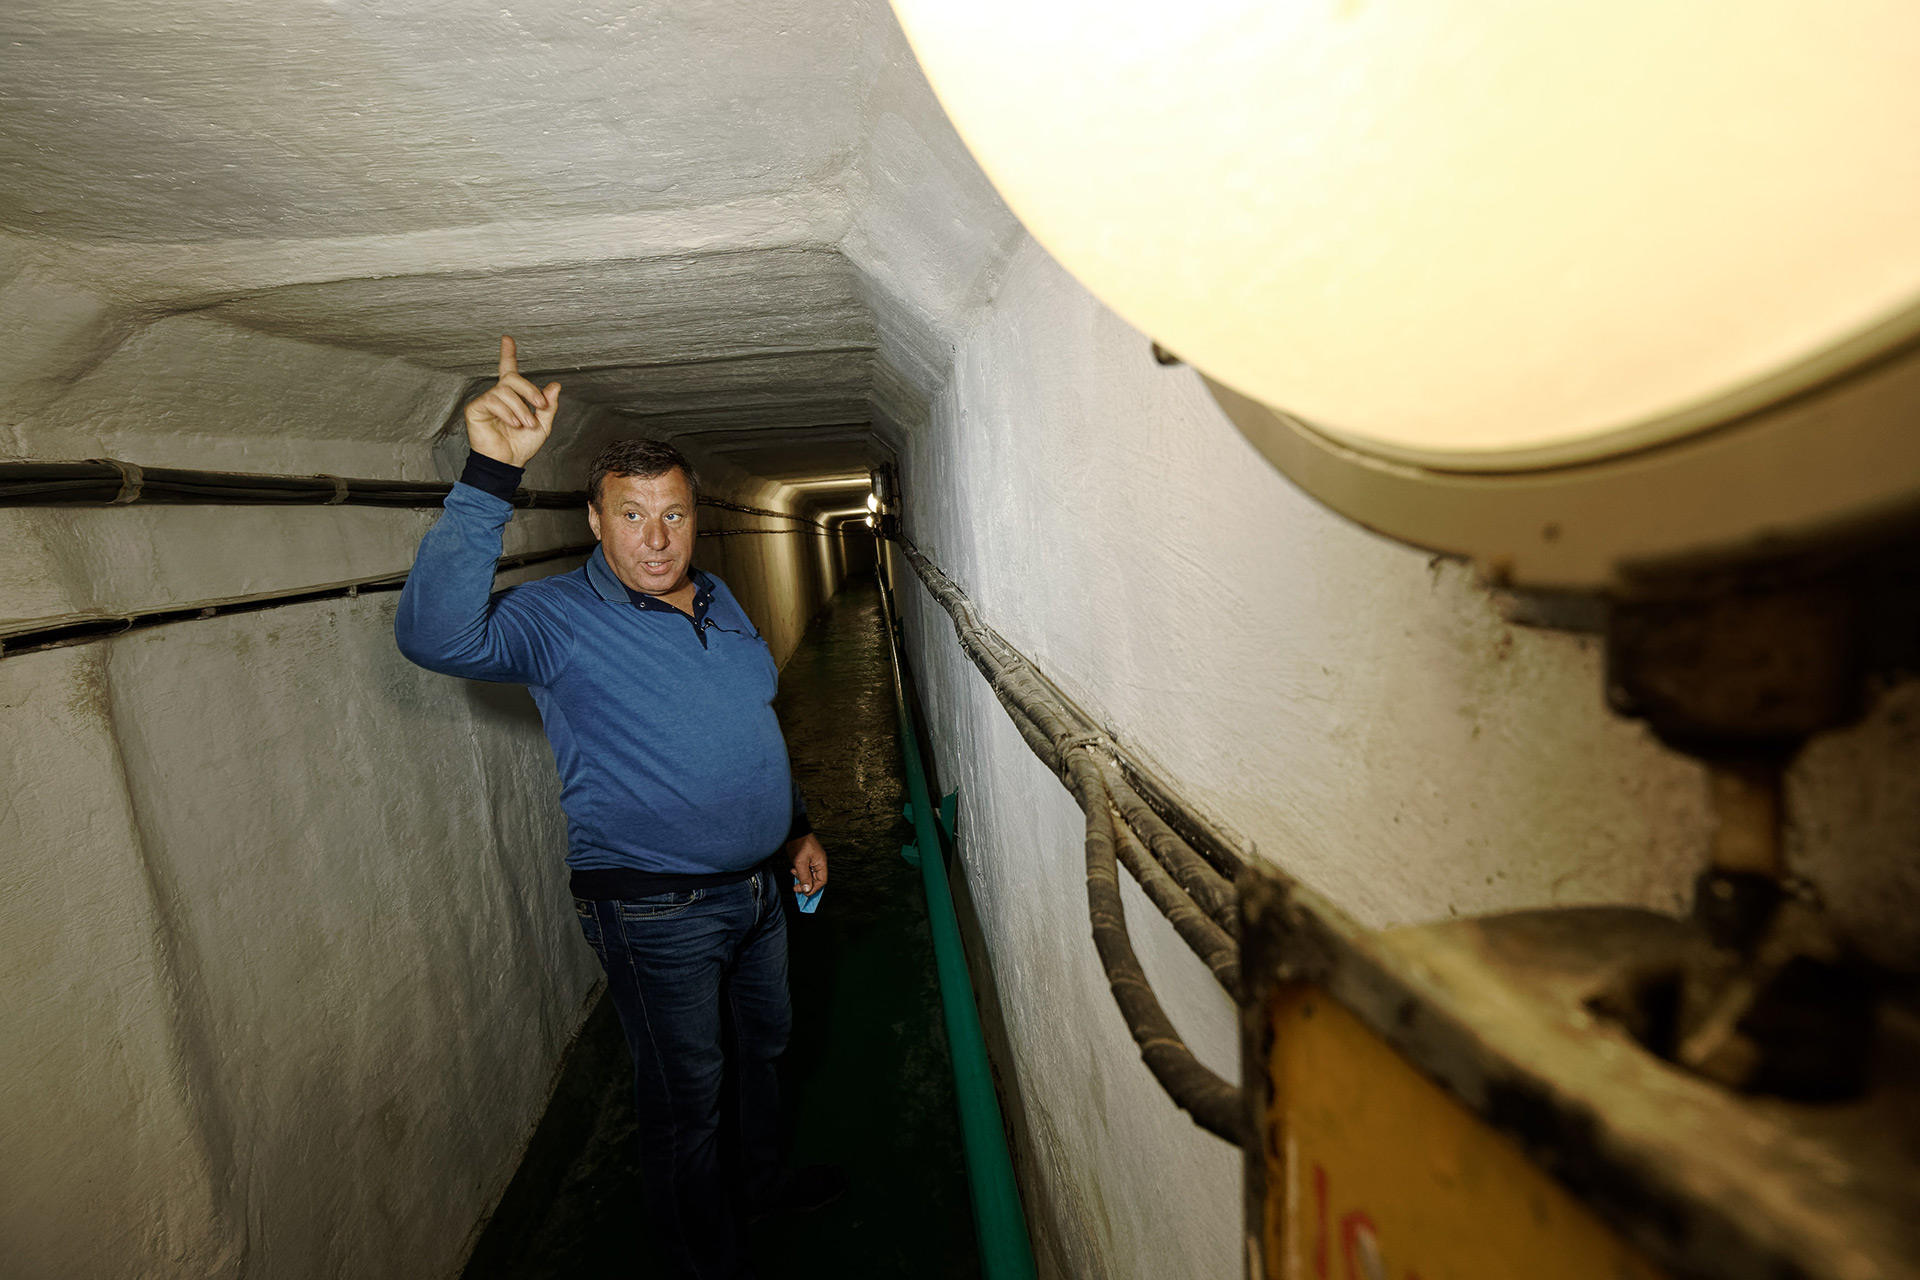 Ядерные шахты Украины. Как выглядел третий в мире арсенал атомных бомб